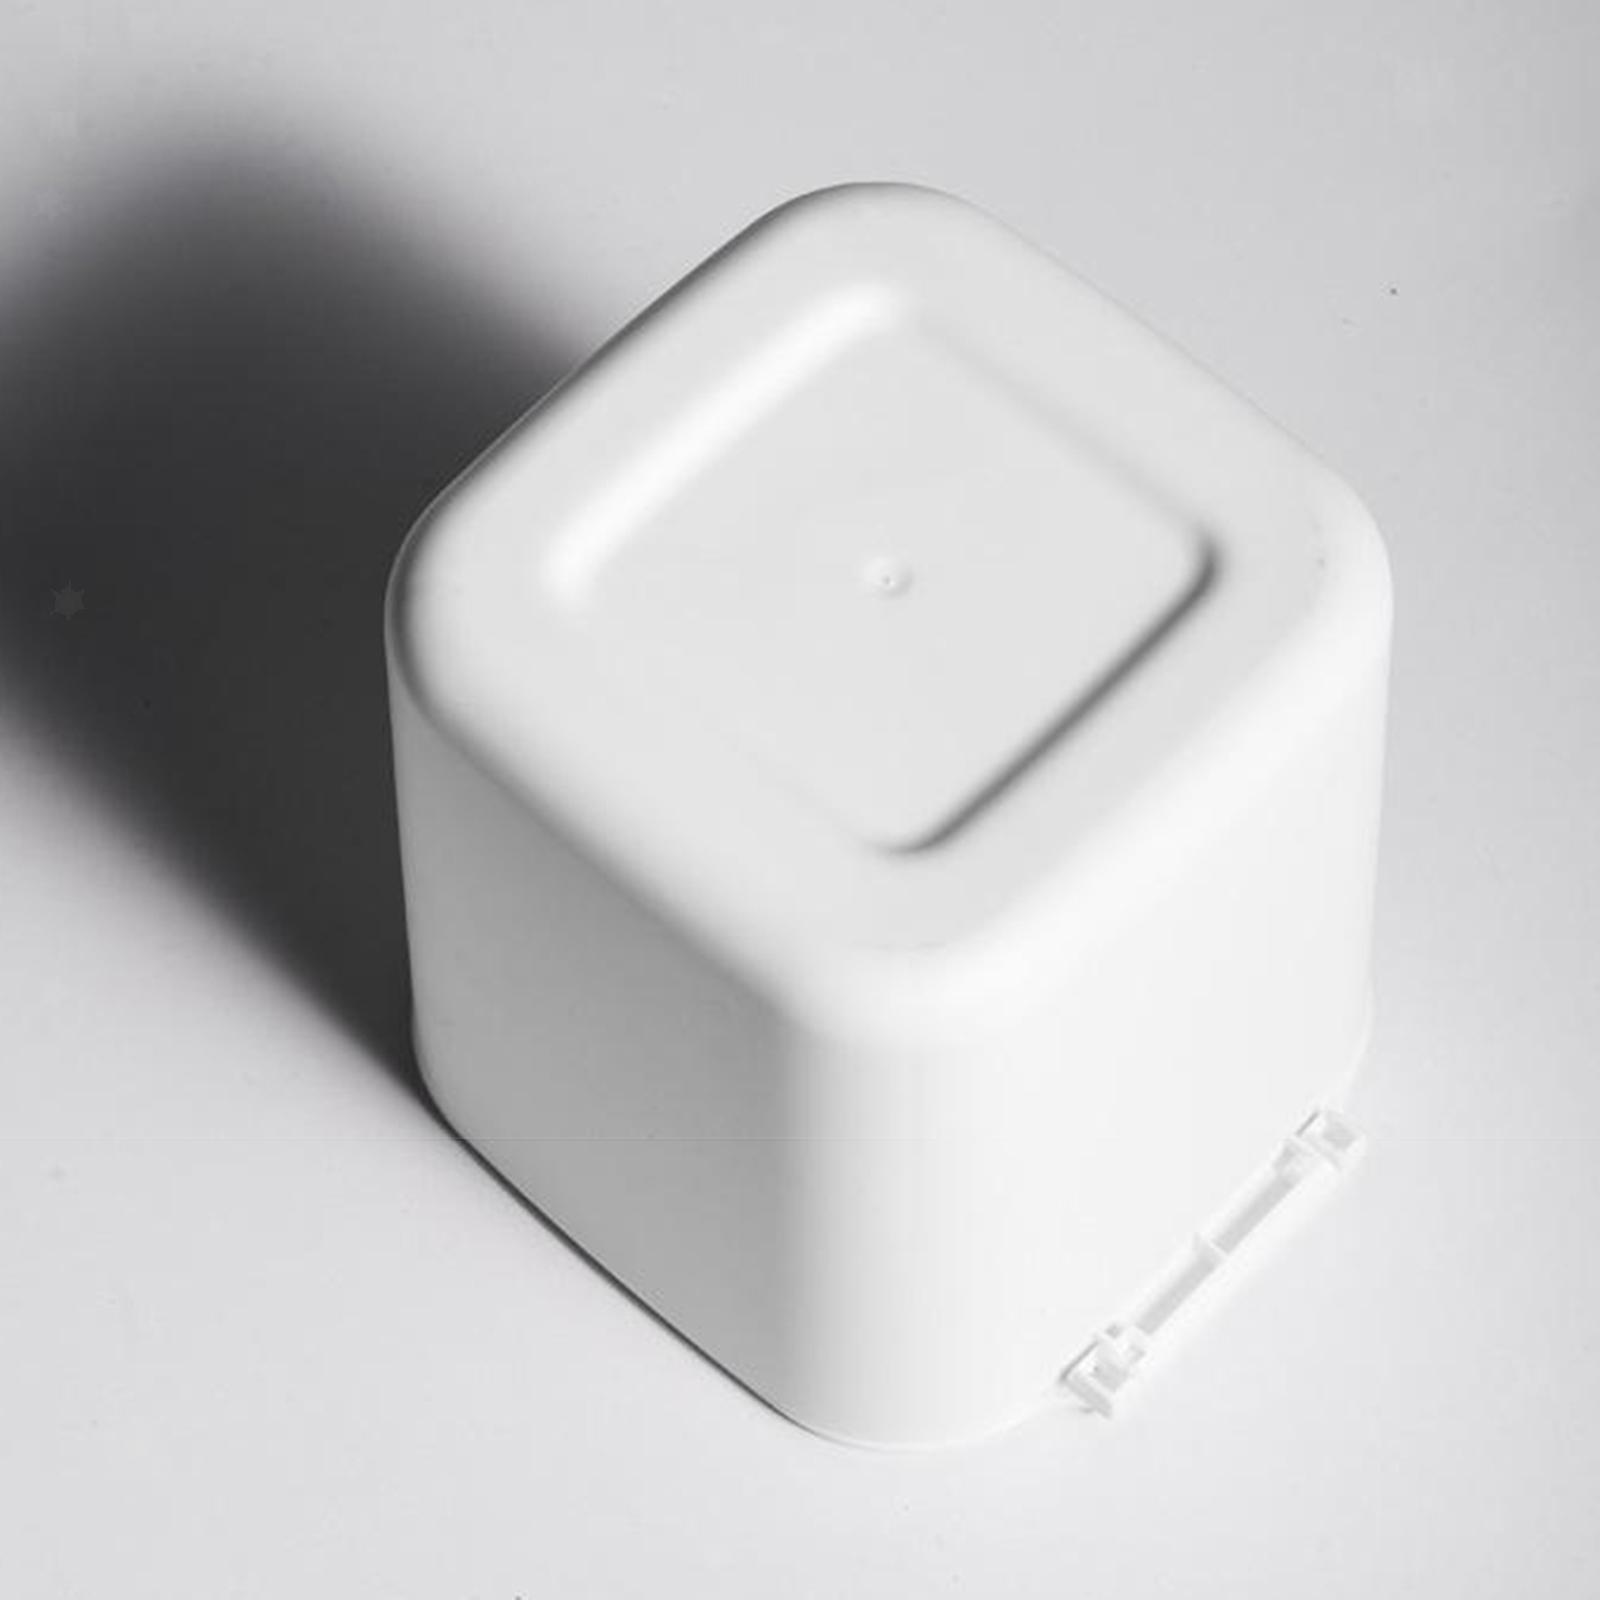 Cestino-della-spazzatura-del-bidone-della-spazzatura-di-plastica-4L-per-la miniatura 12